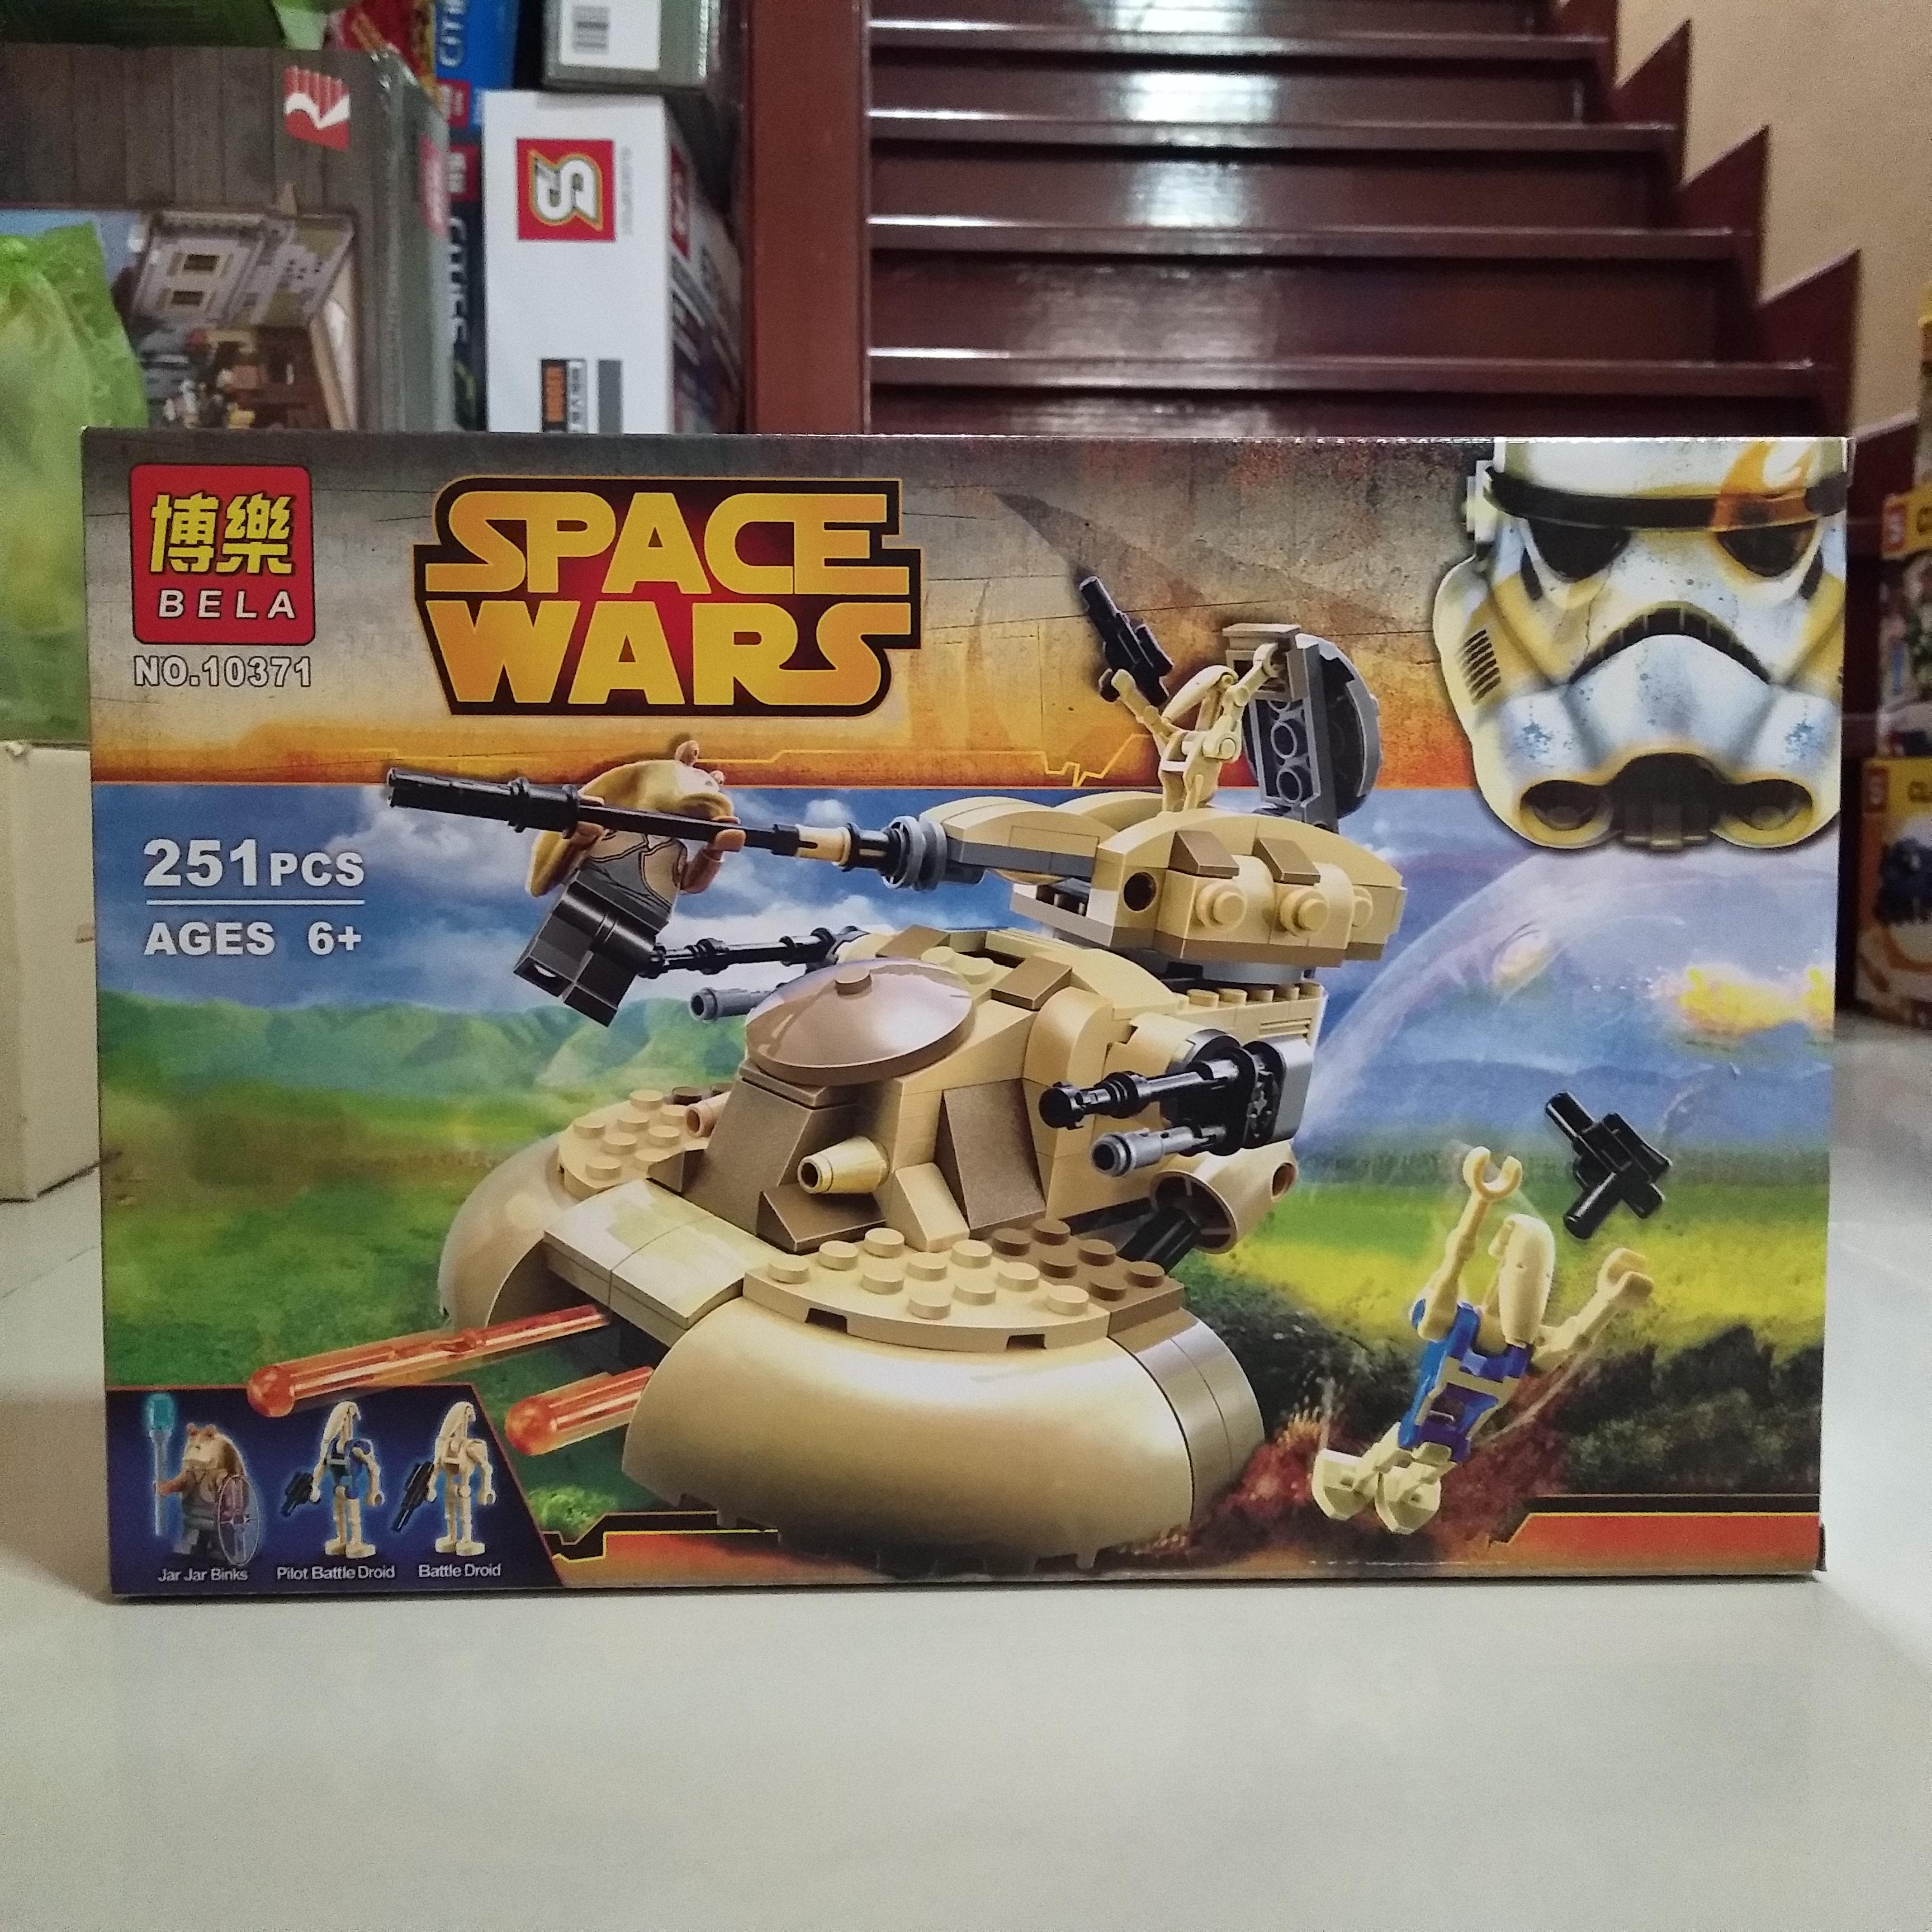 เลโก้ จีน BELA.10371 ชุด Spacewar